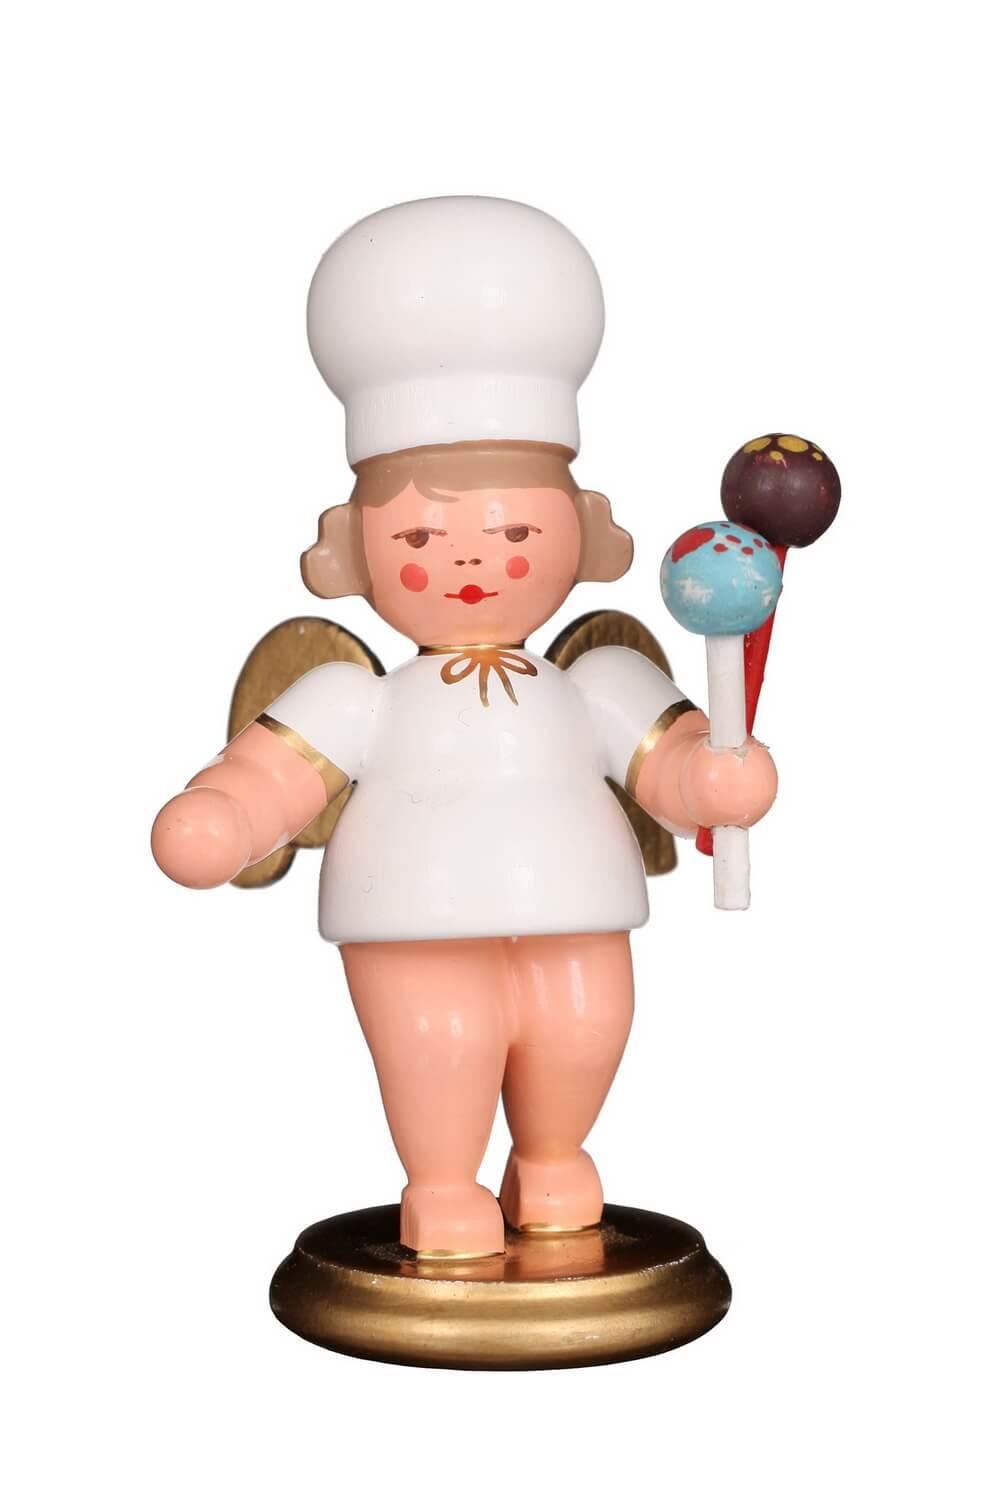 Weihnachtsengel - Bäckerengel von Christian Ulbricht mit Cake-Pops aus Holz